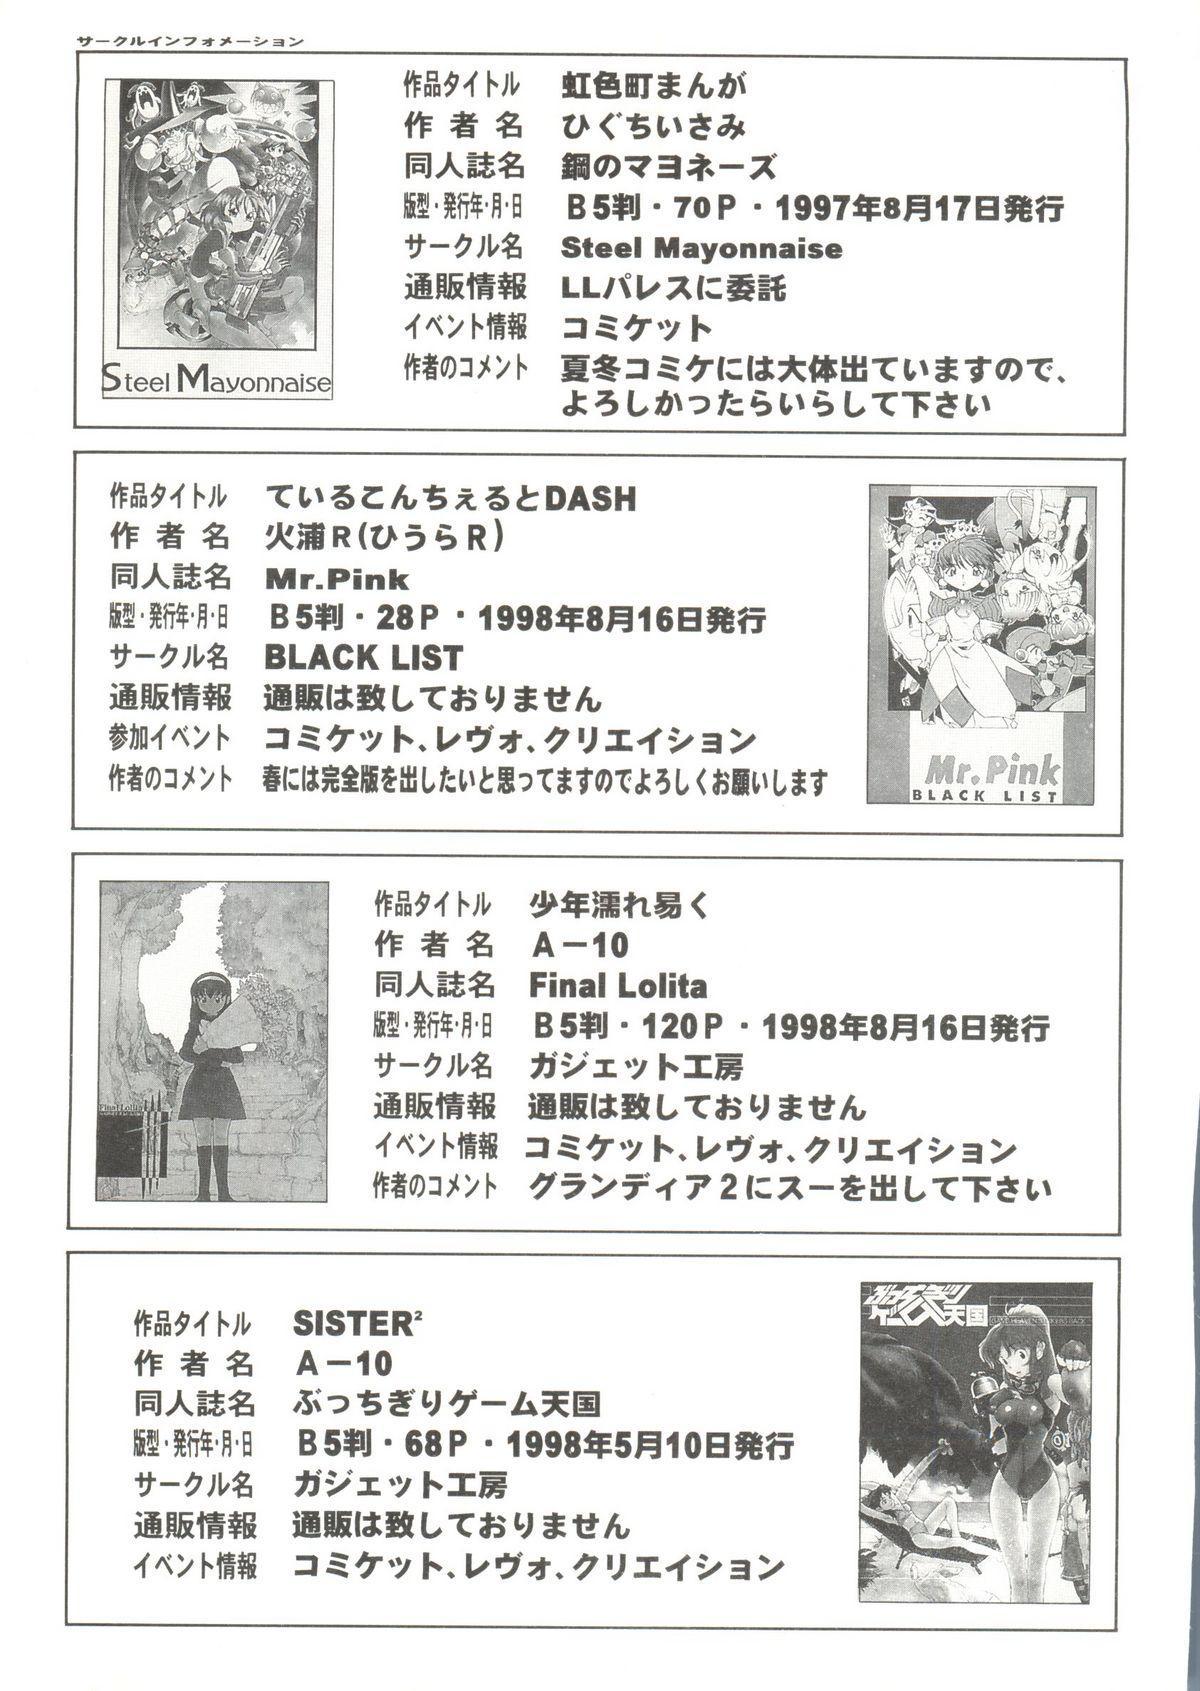 Denei Tamate Bako Bishoujo Doujinshi Anthology Vol. 2 - Nishinhou no Tenshi 140